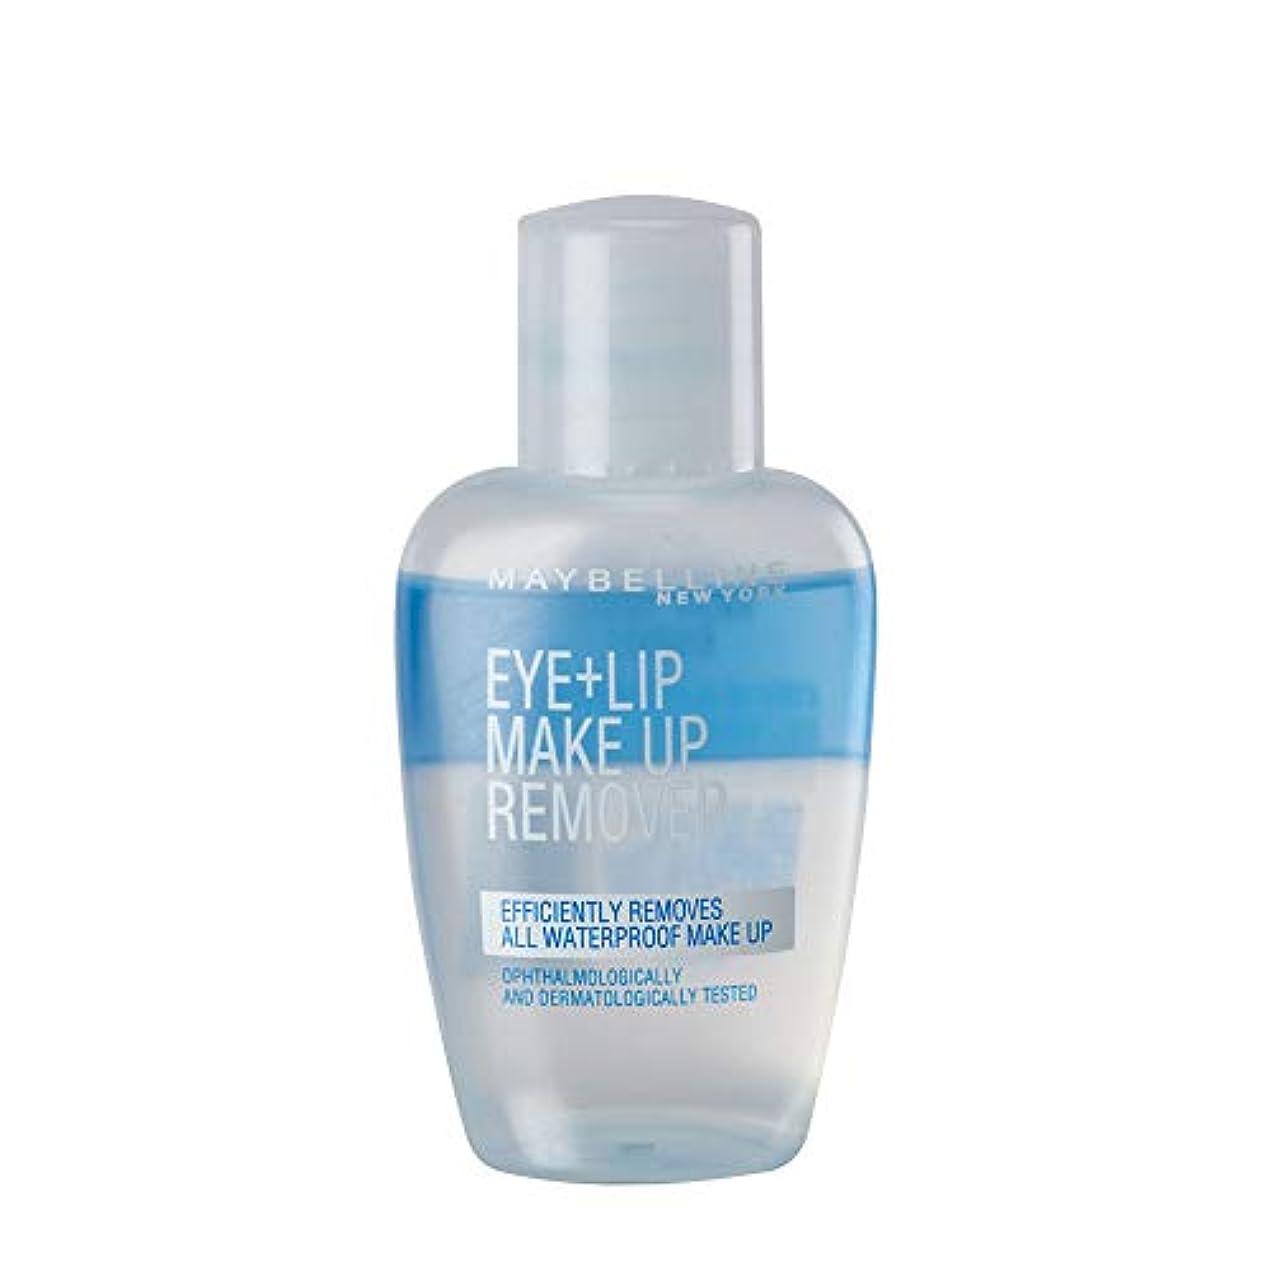 大胆なコインランドリーランドマークMaybelline New York Biphase Make-Up Remover, 40ml